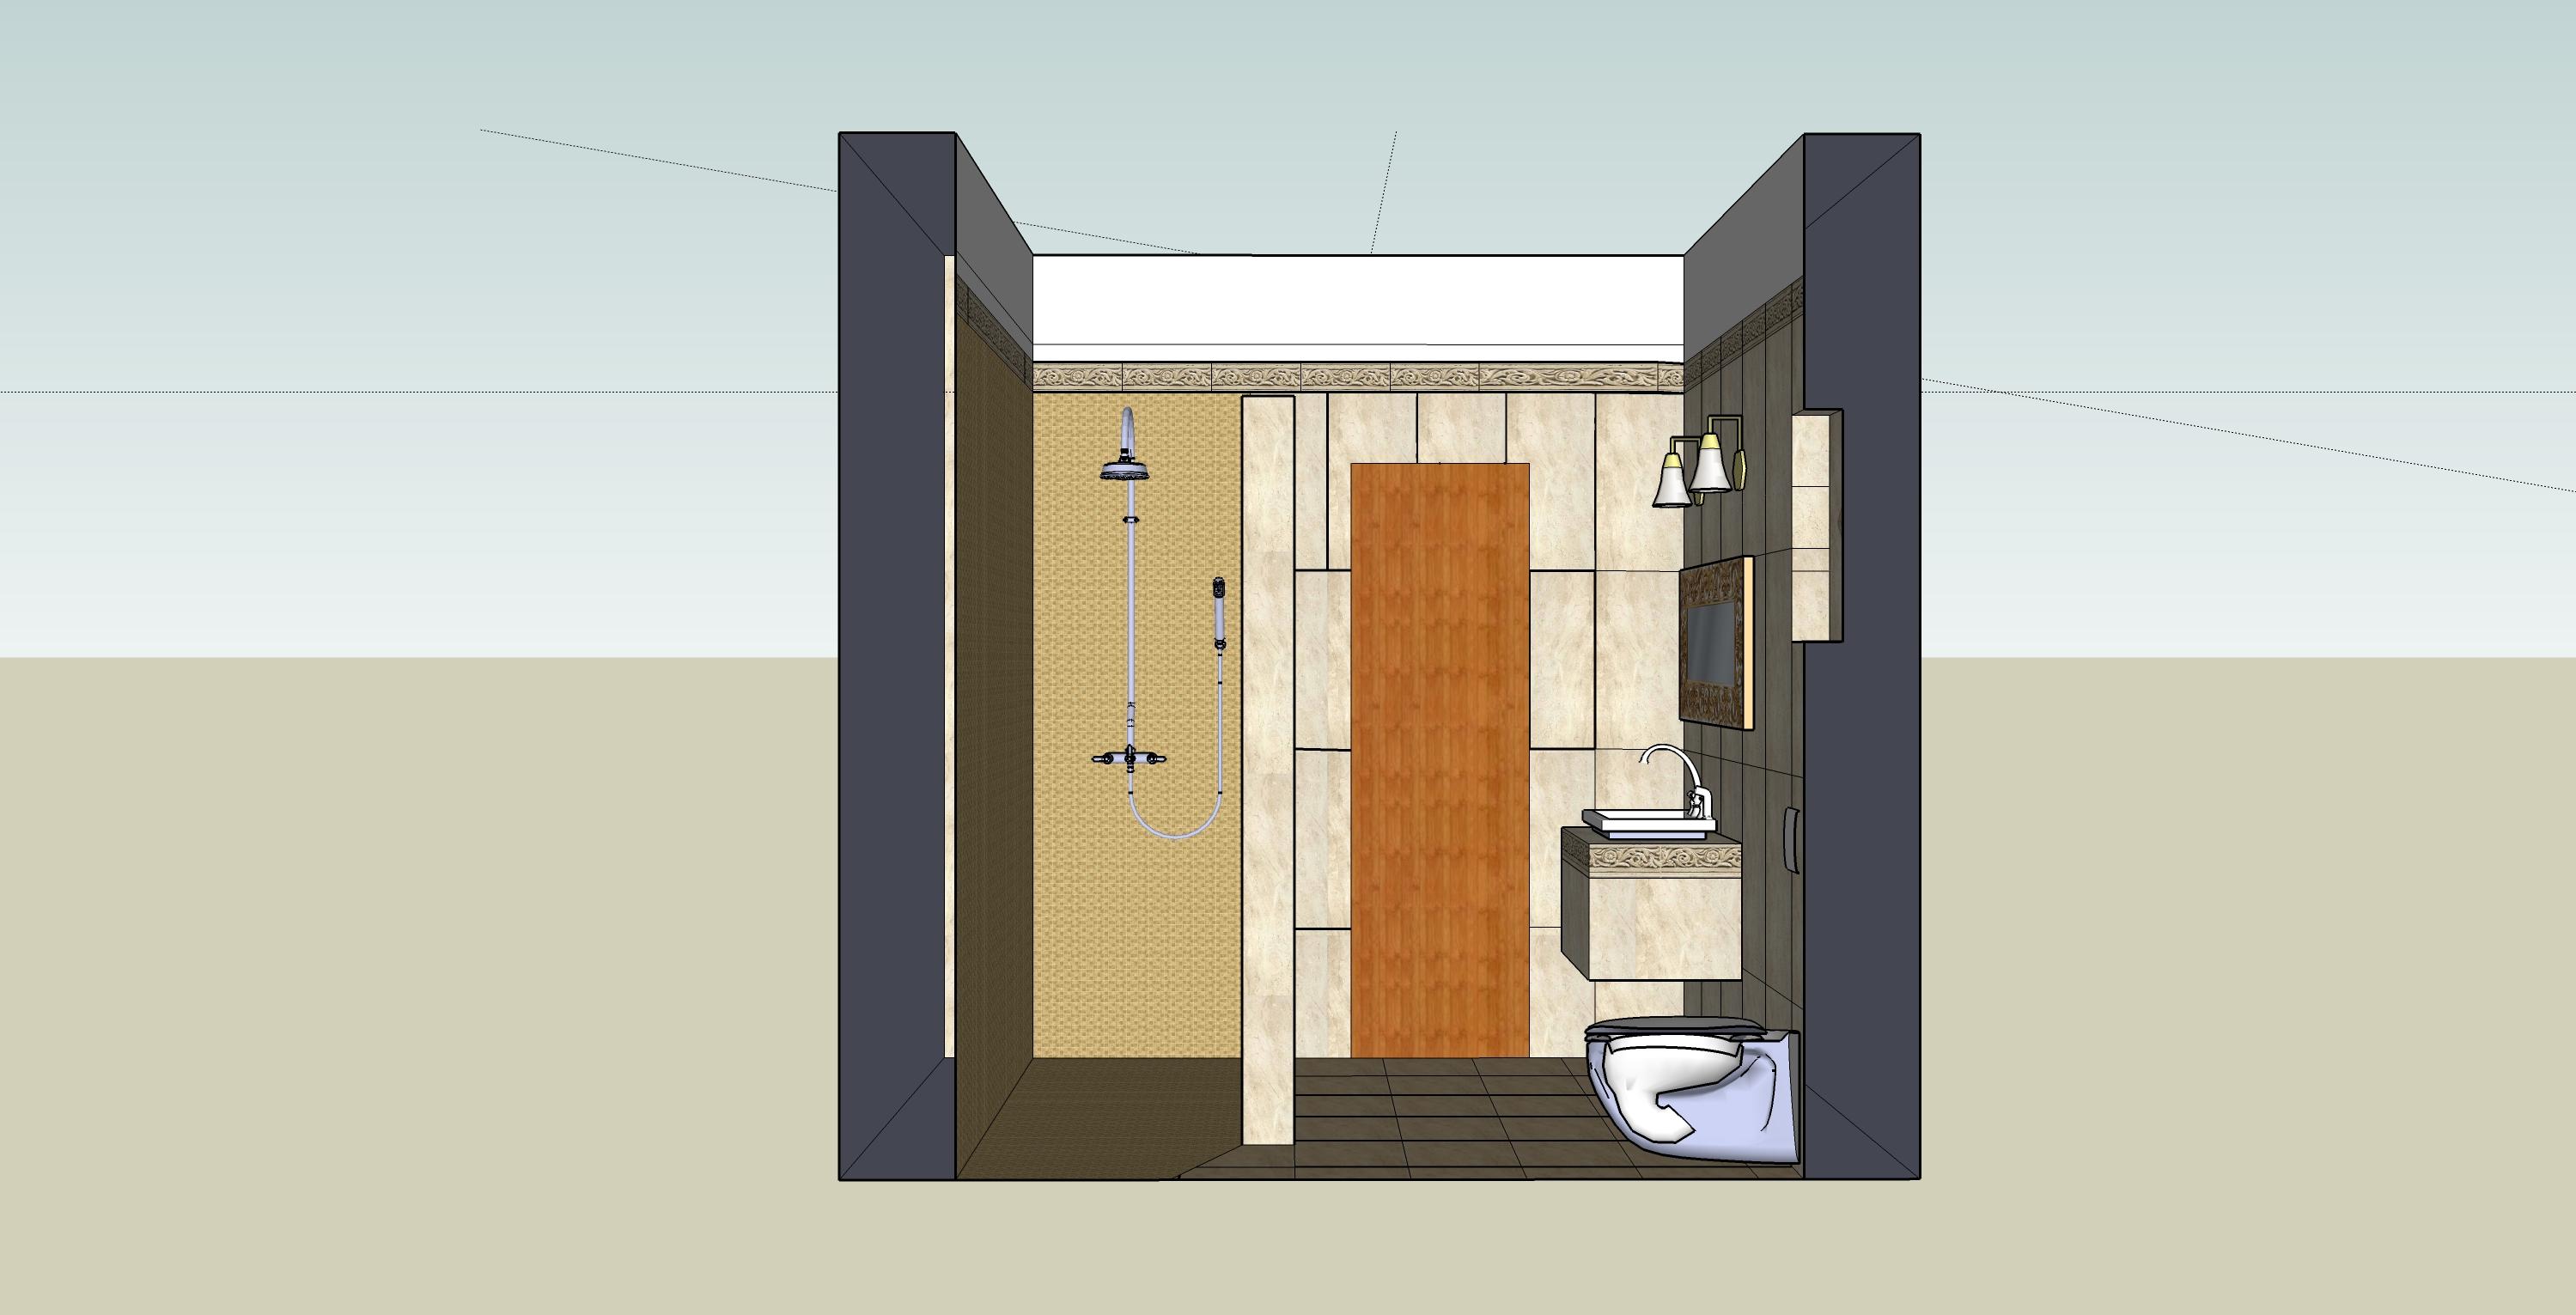 łazienka sketchUp-przekrój2